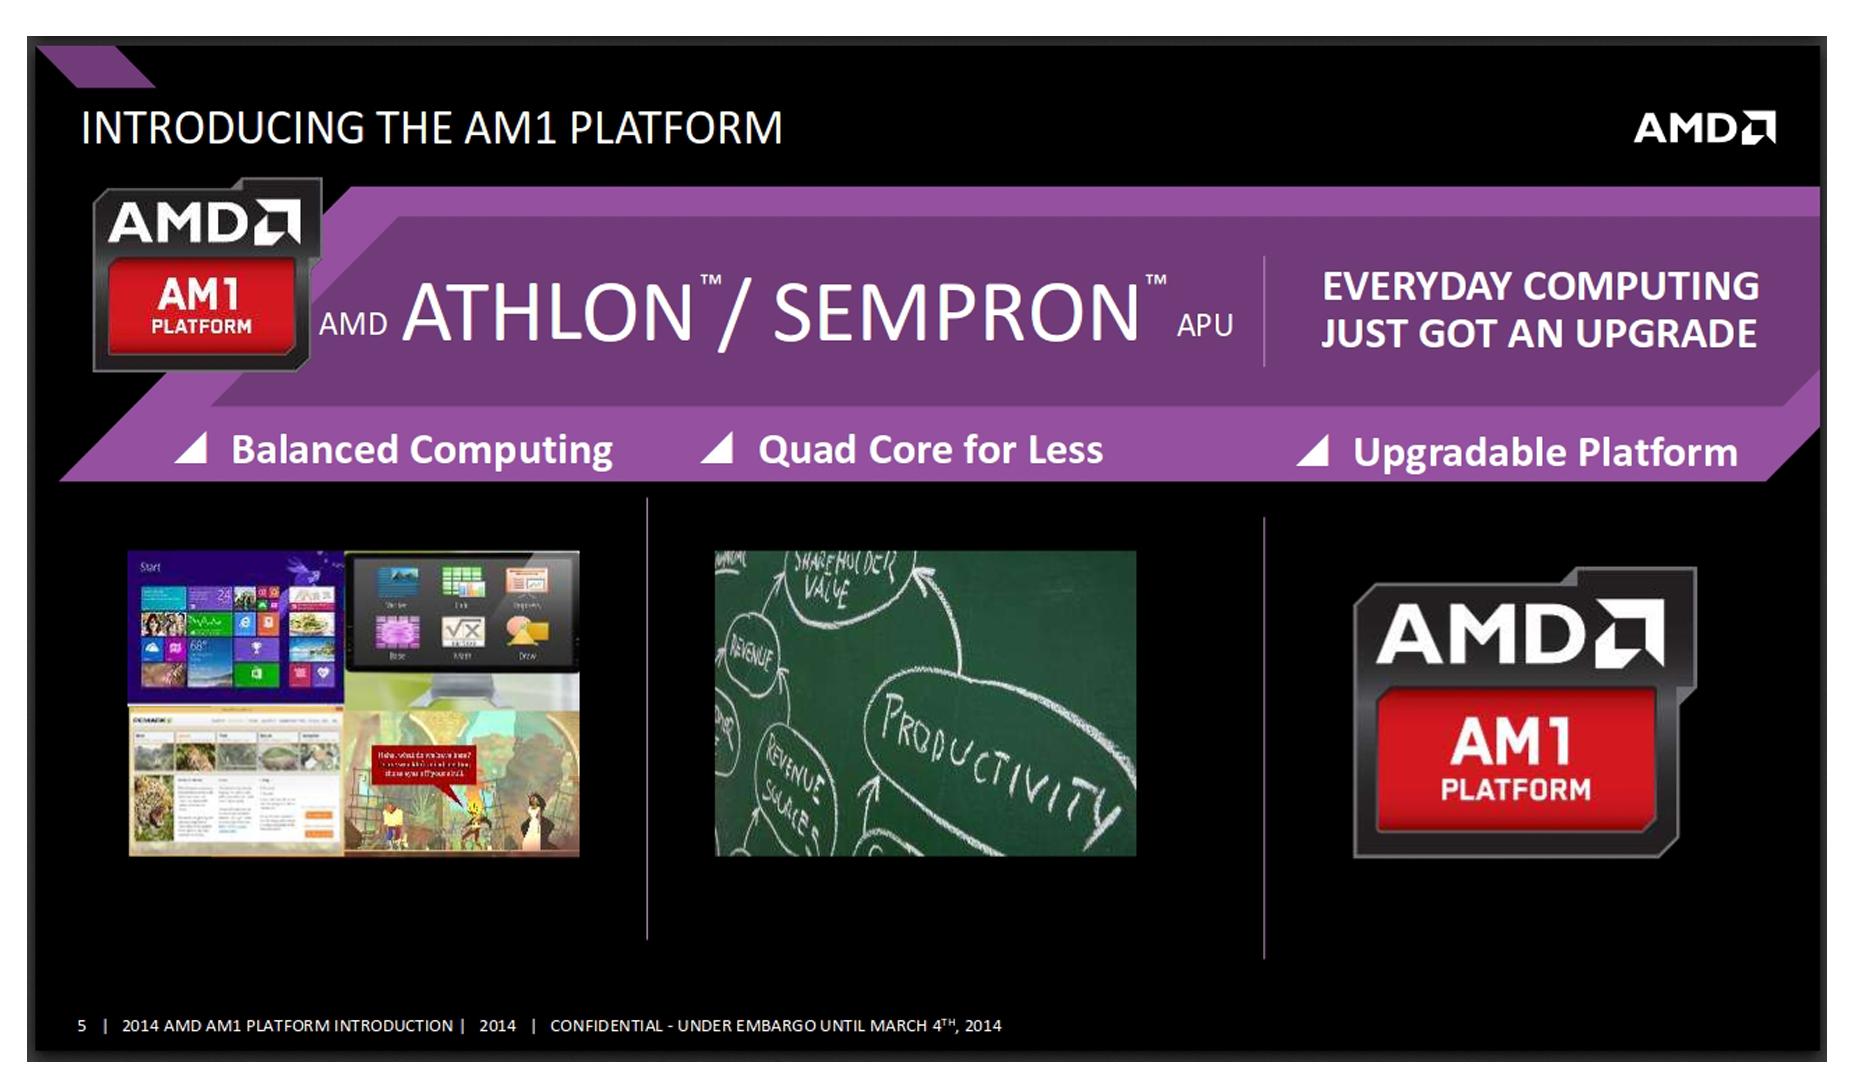 ล่าสุด AMD Sempron และ AMD Athlon มาในแพลตฟอร์ม AM1จาก AMD